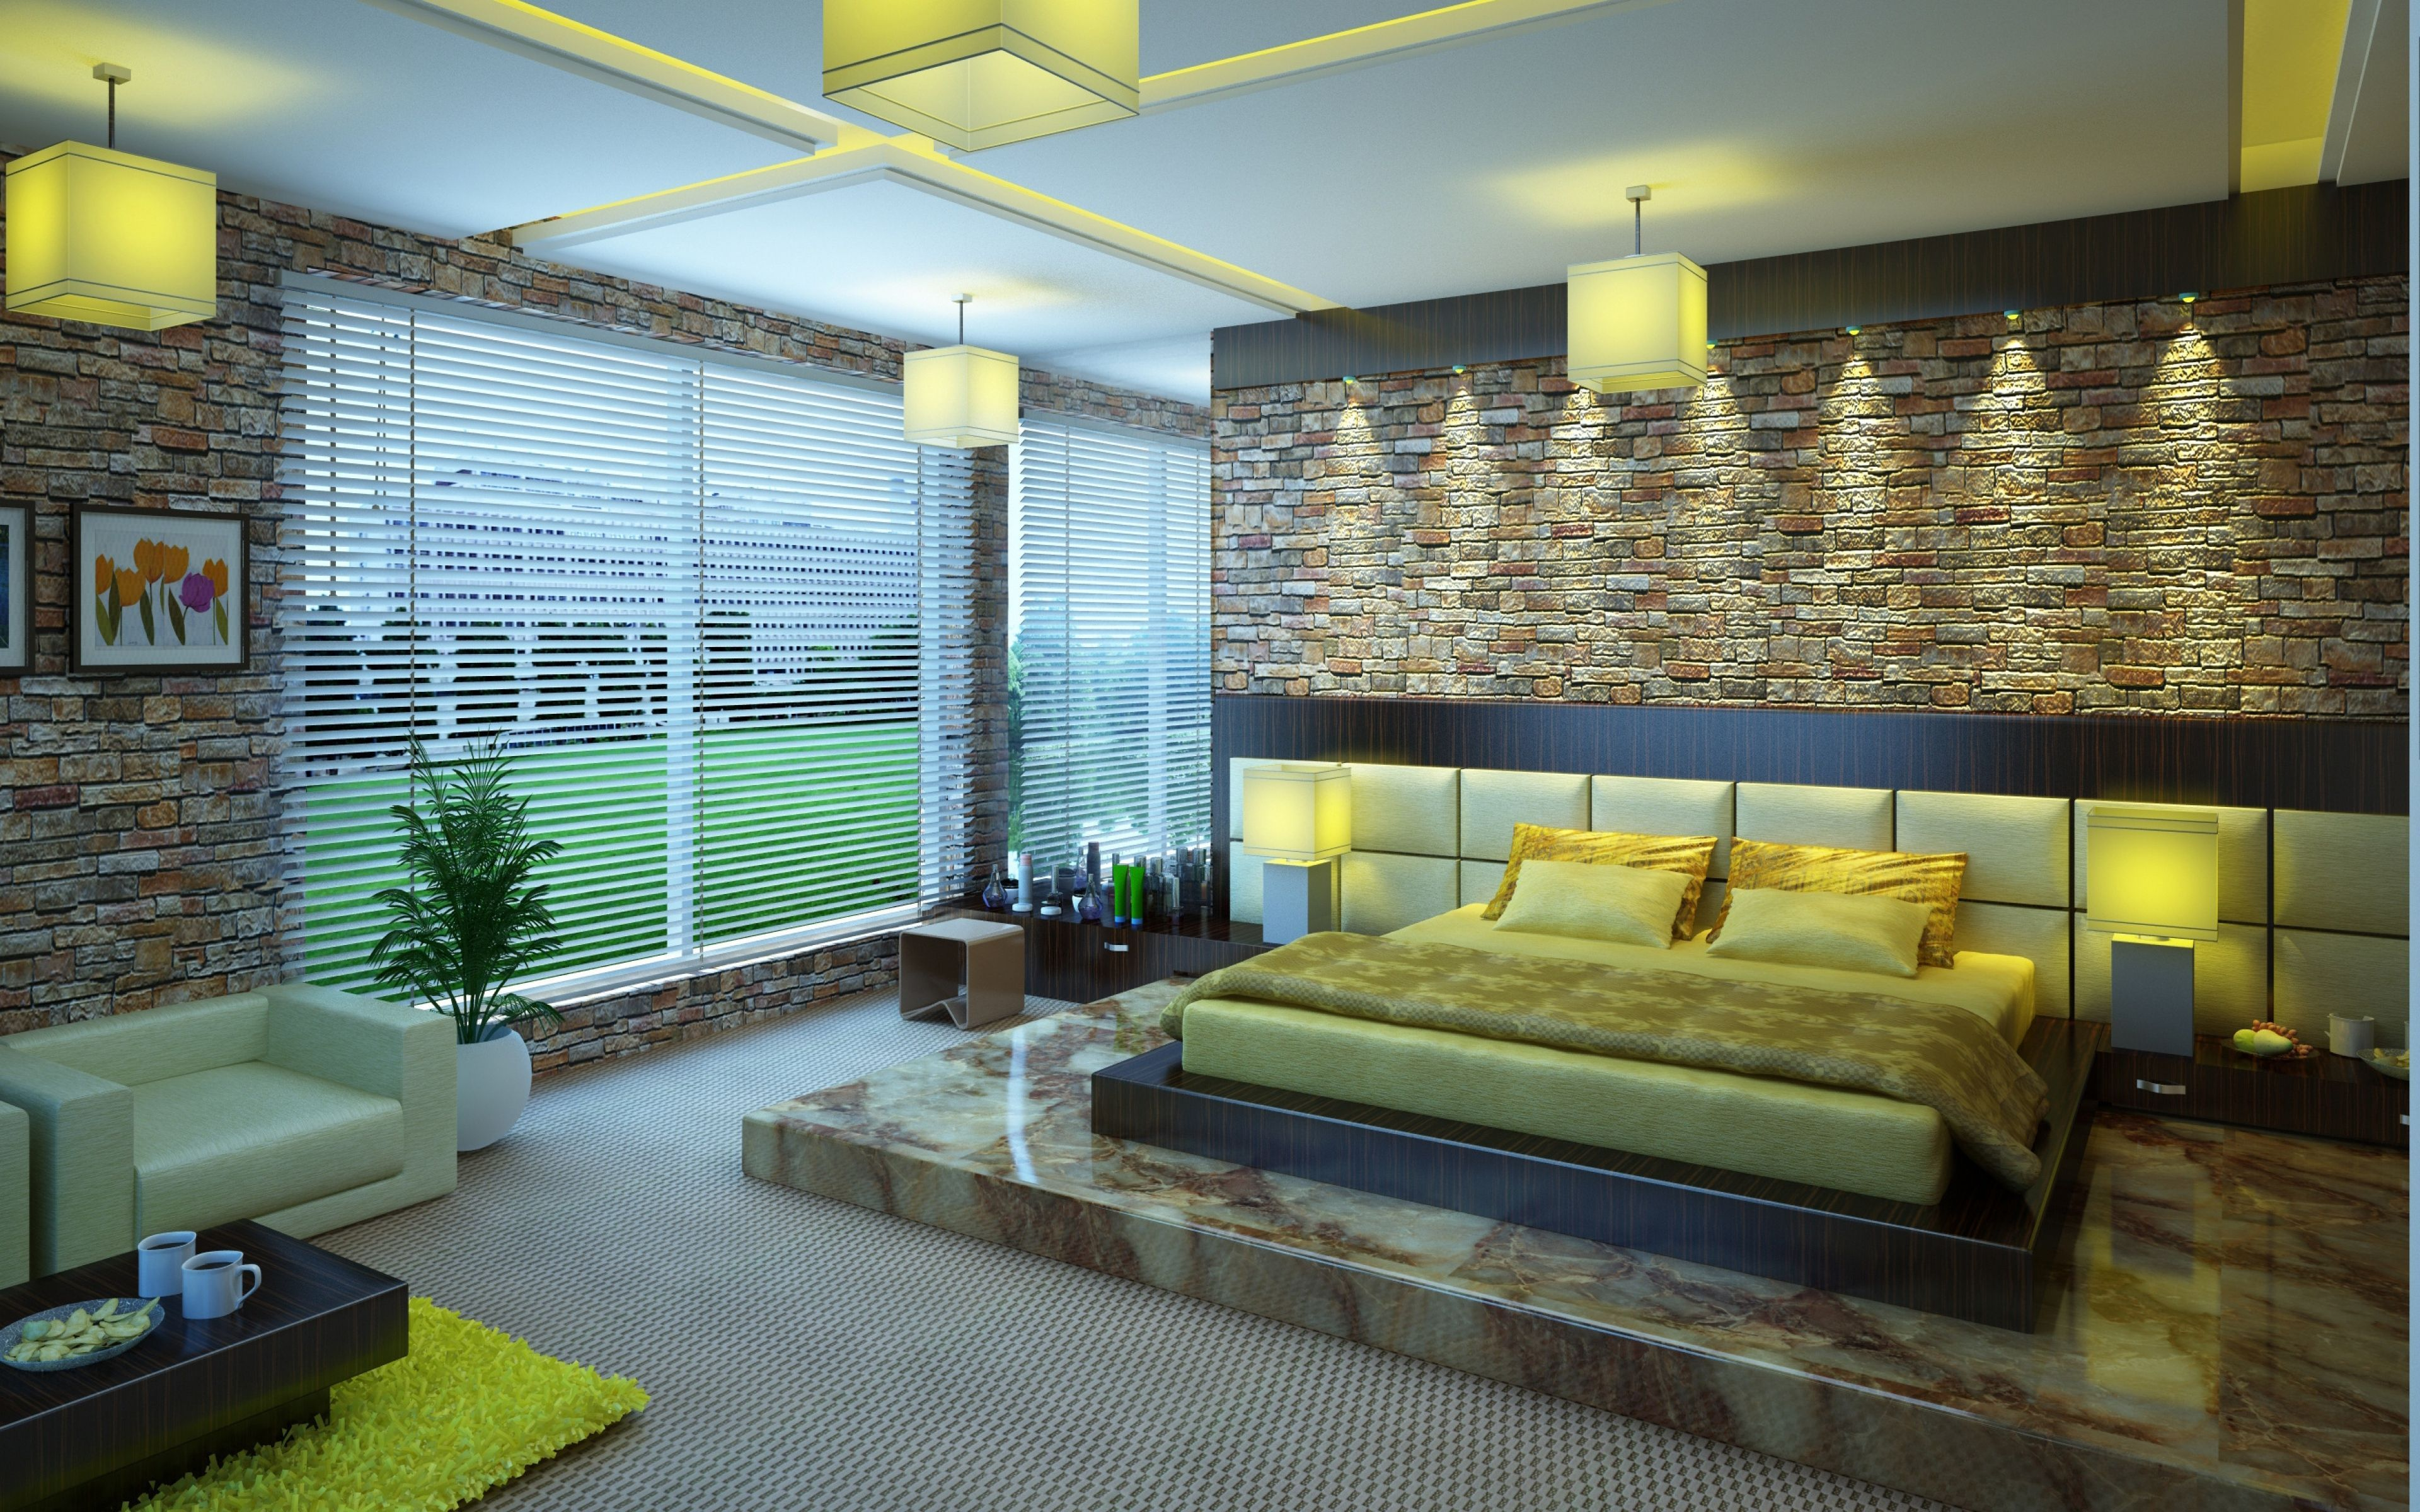 Luxury Ultra Hd 4k Wallpapers Top Free Luxury Ultra Hd 4k